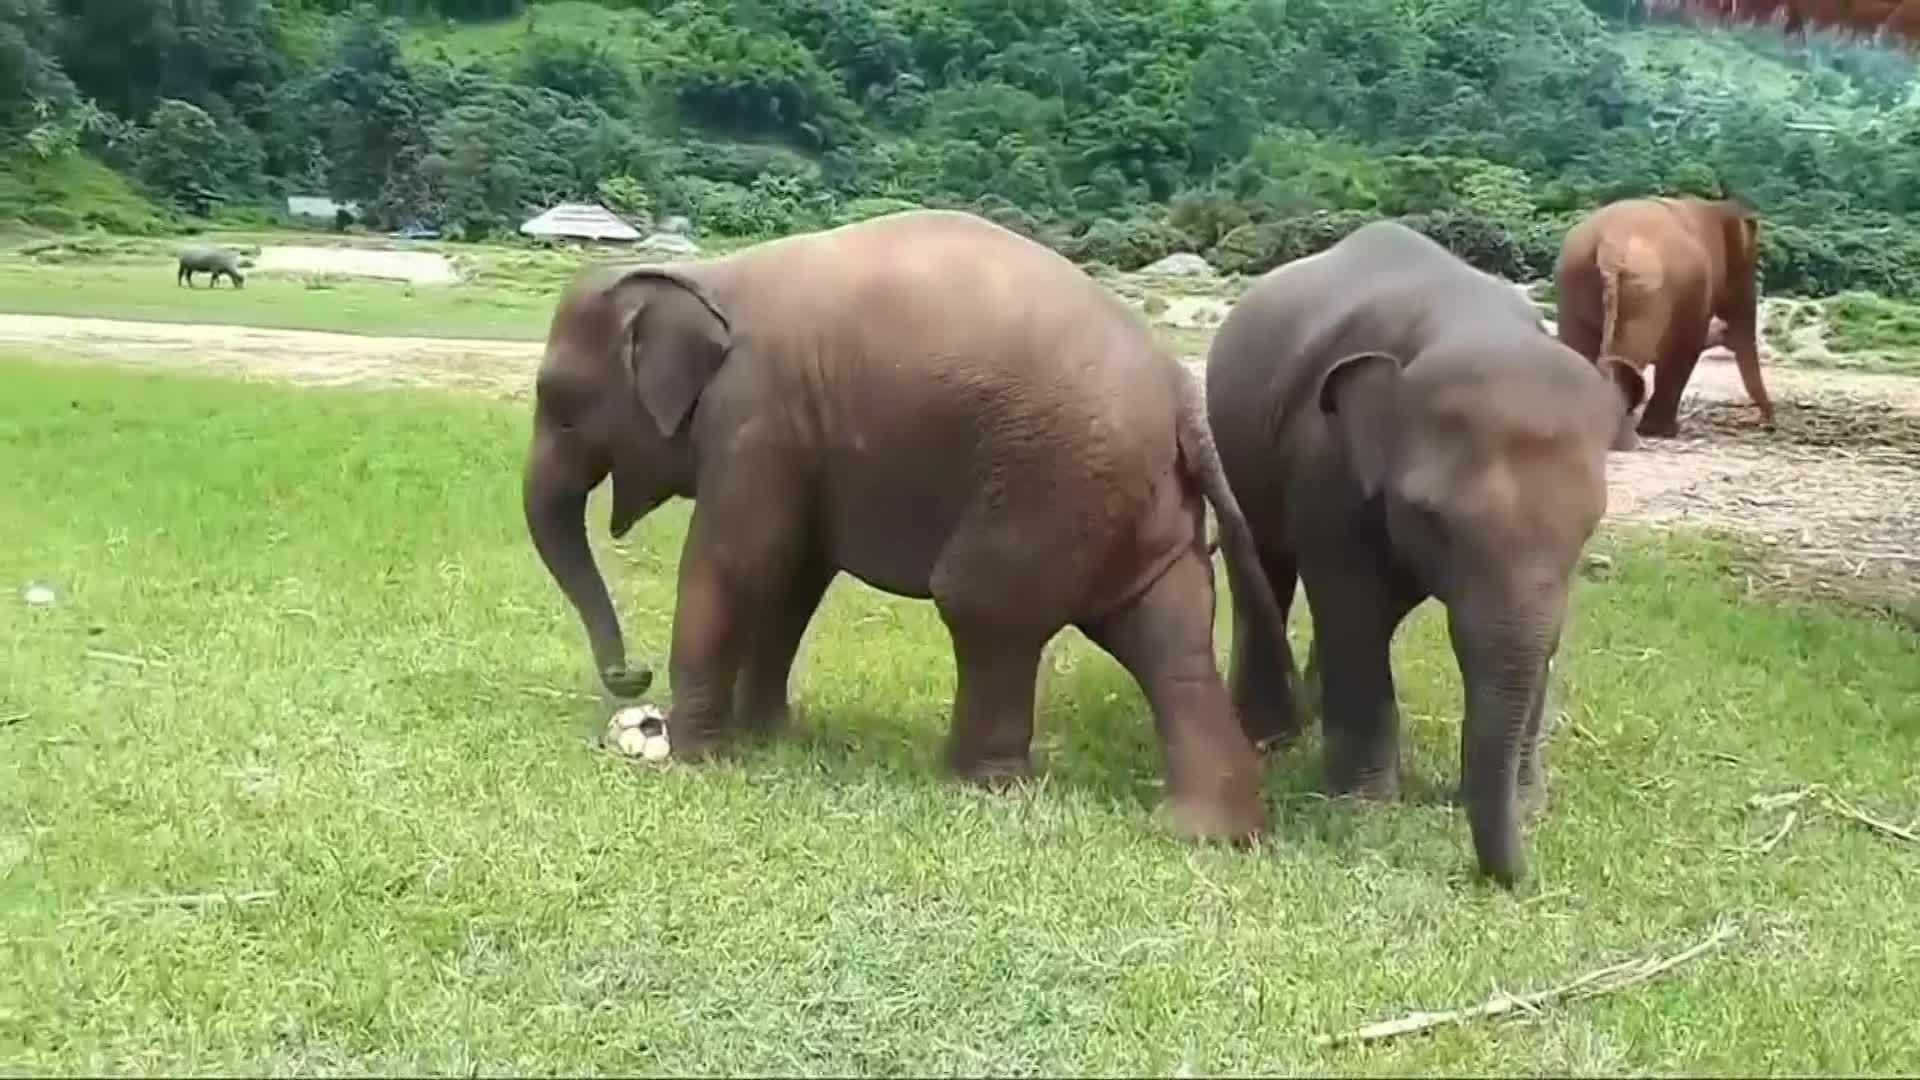 WEB_EXTRA__Baby_Elephants_Play_Soccer_0_20180617211514